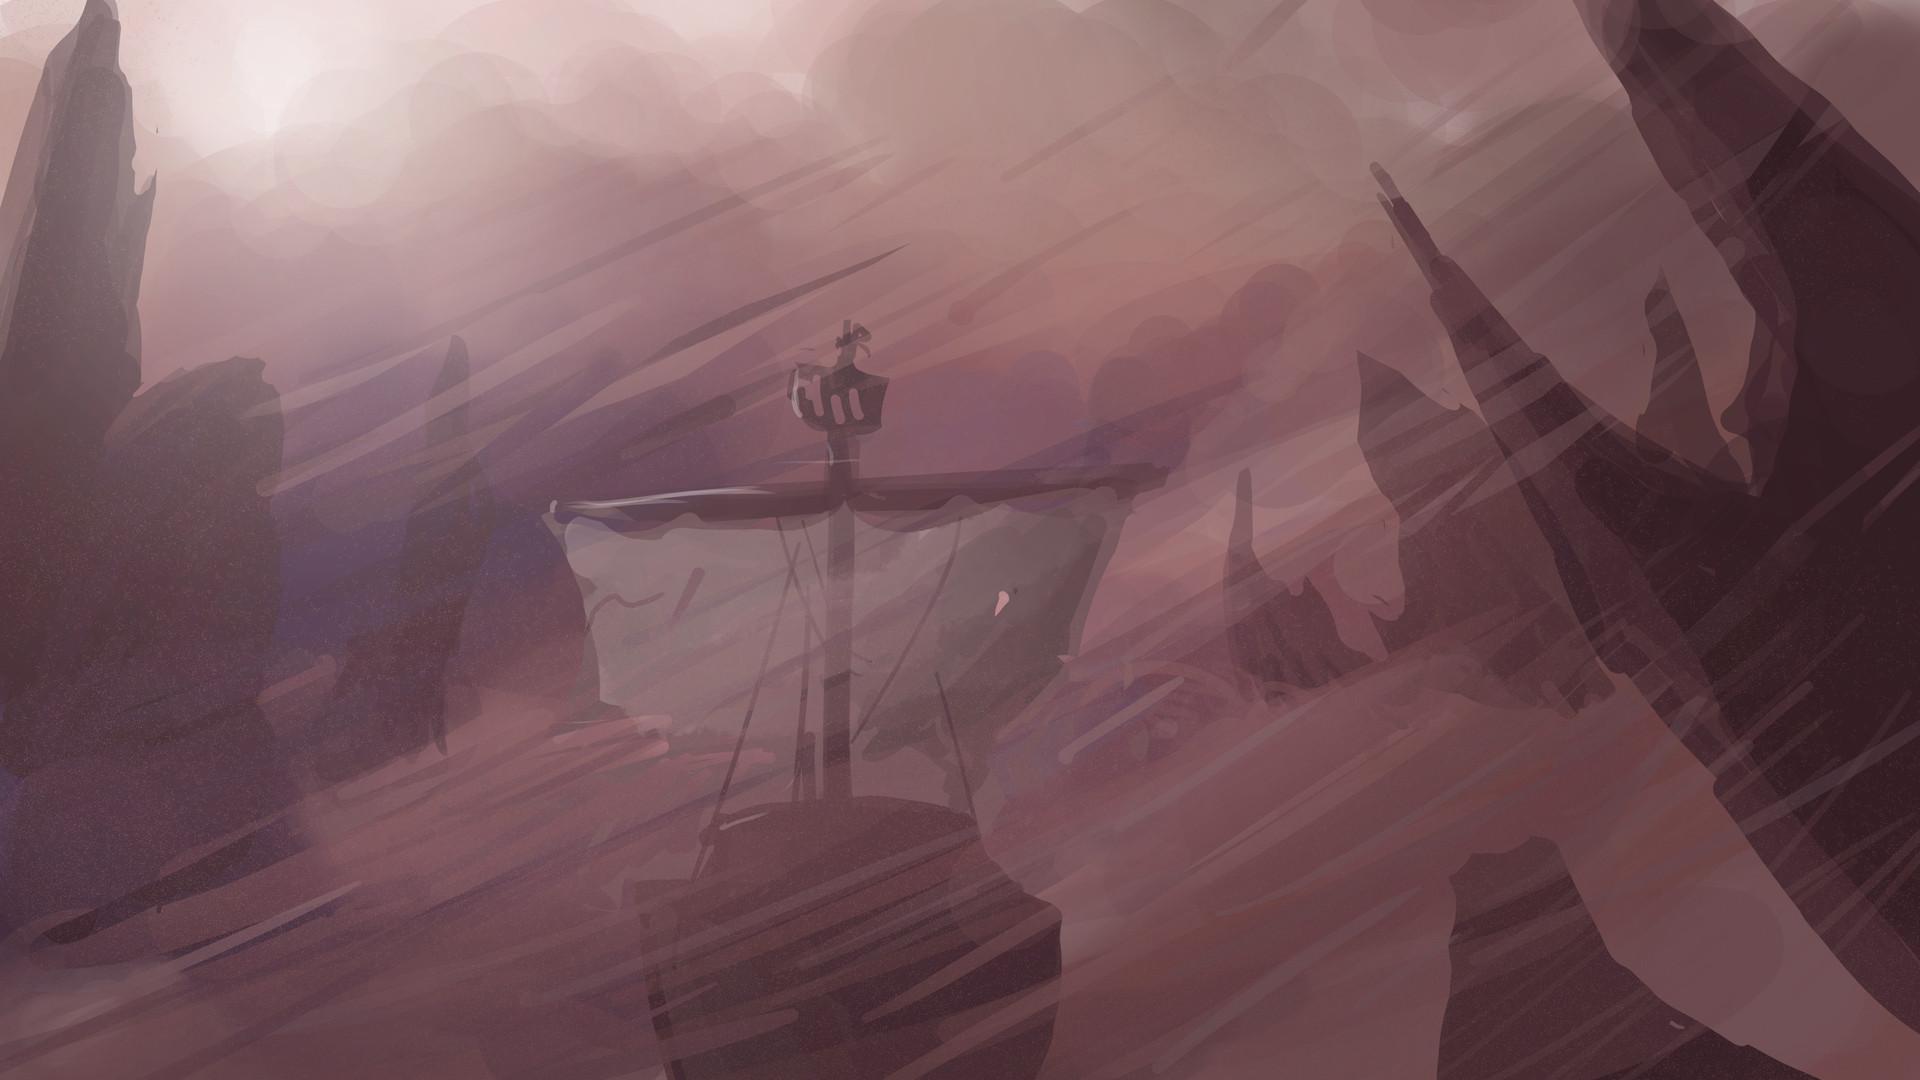 Braving the Sandstorm